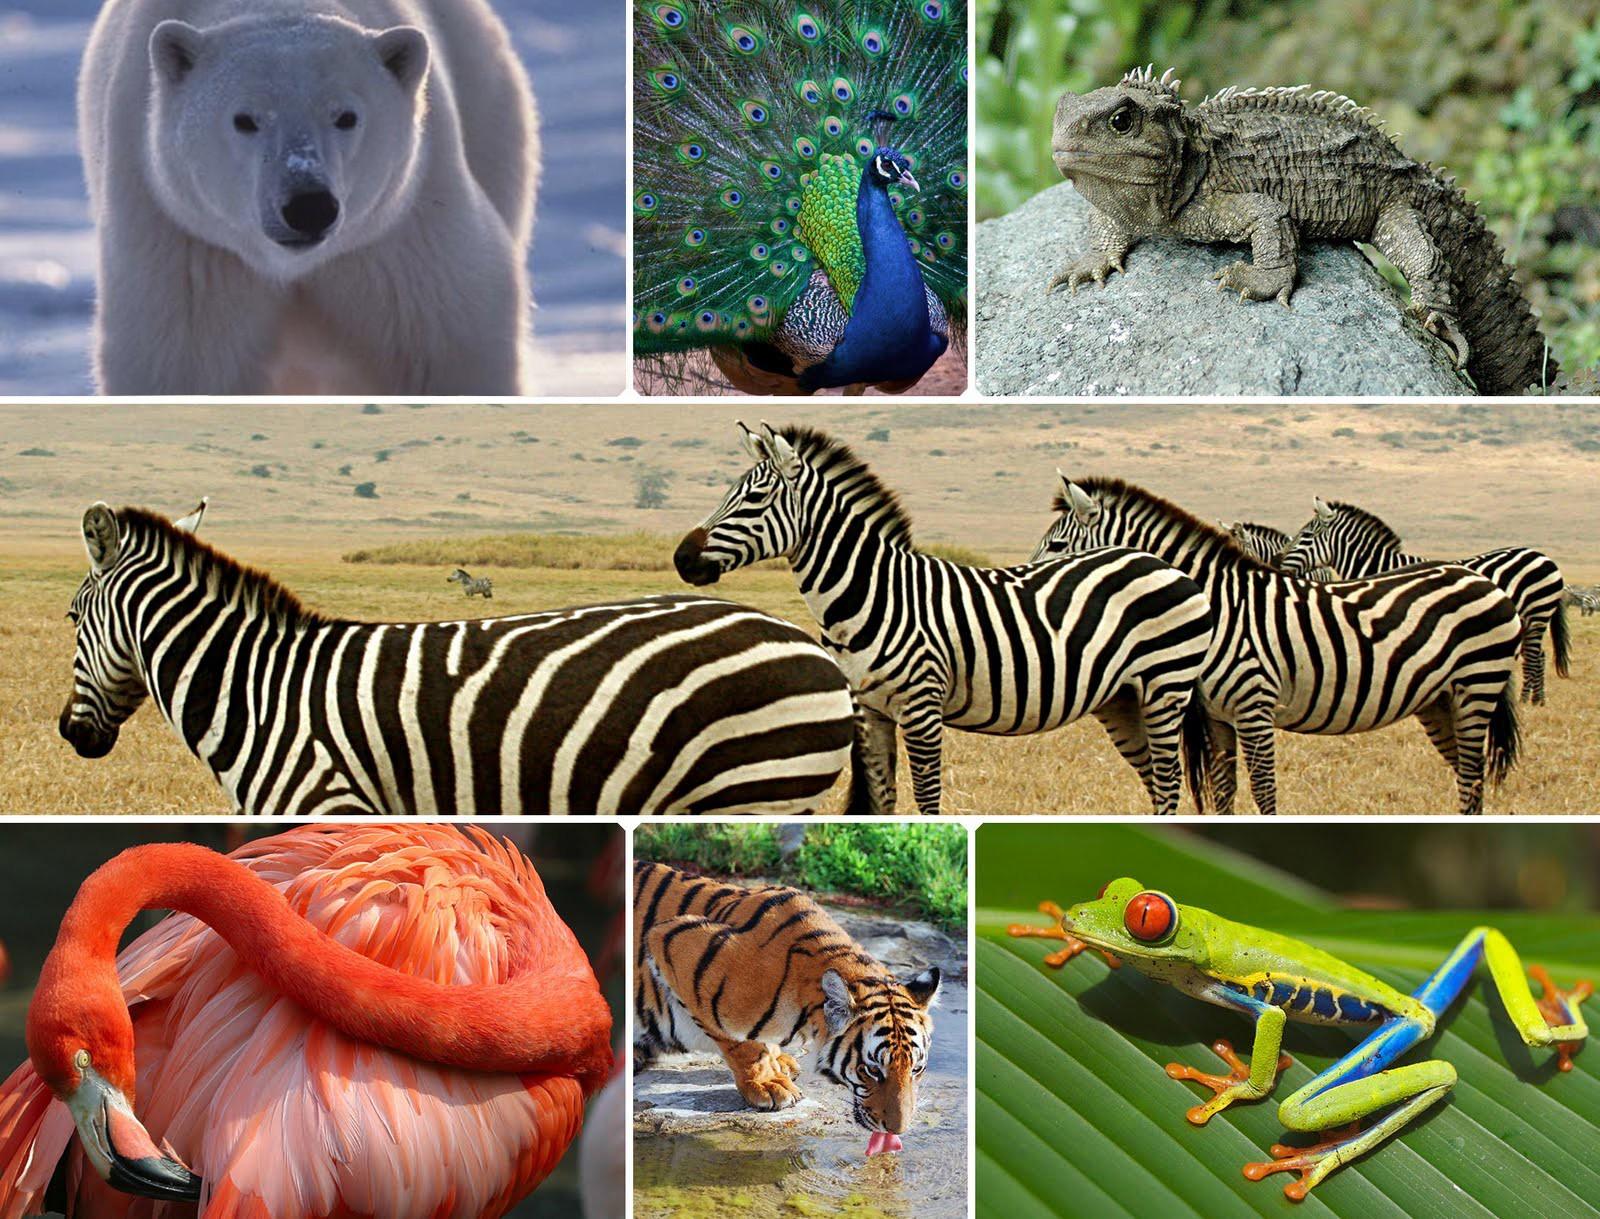 Unité et diversité des êtres vivants